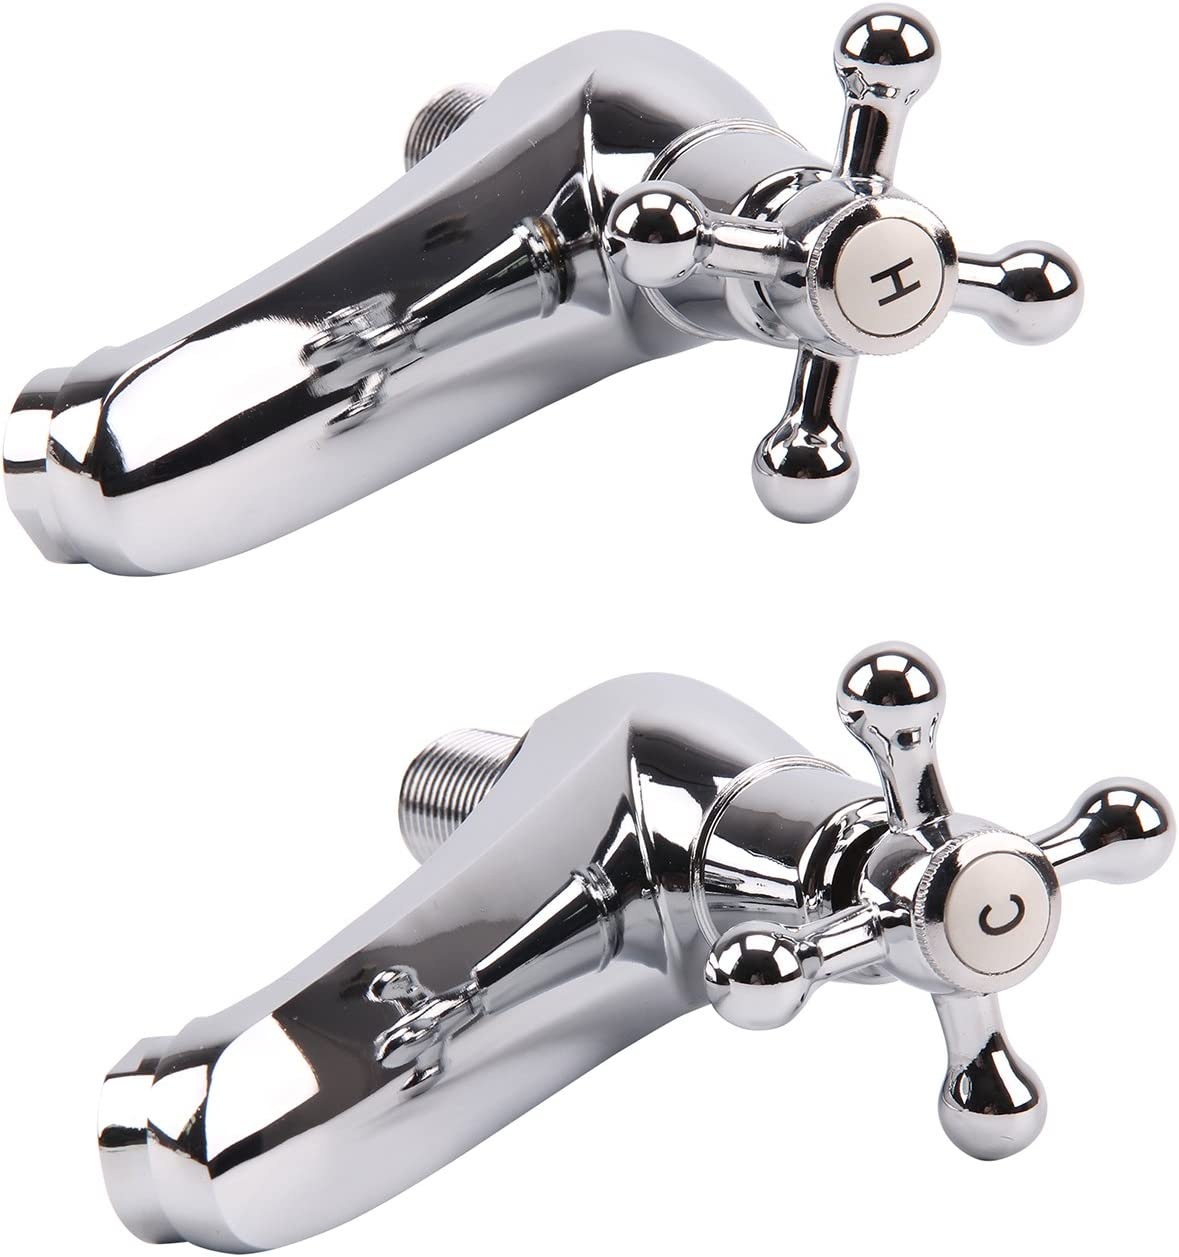 MultiWare 2 X R/étro Mitigeur Robinet de Lavabo Evier Double Levier en Laiton pour Toilettes Salle de Bain Cuisine